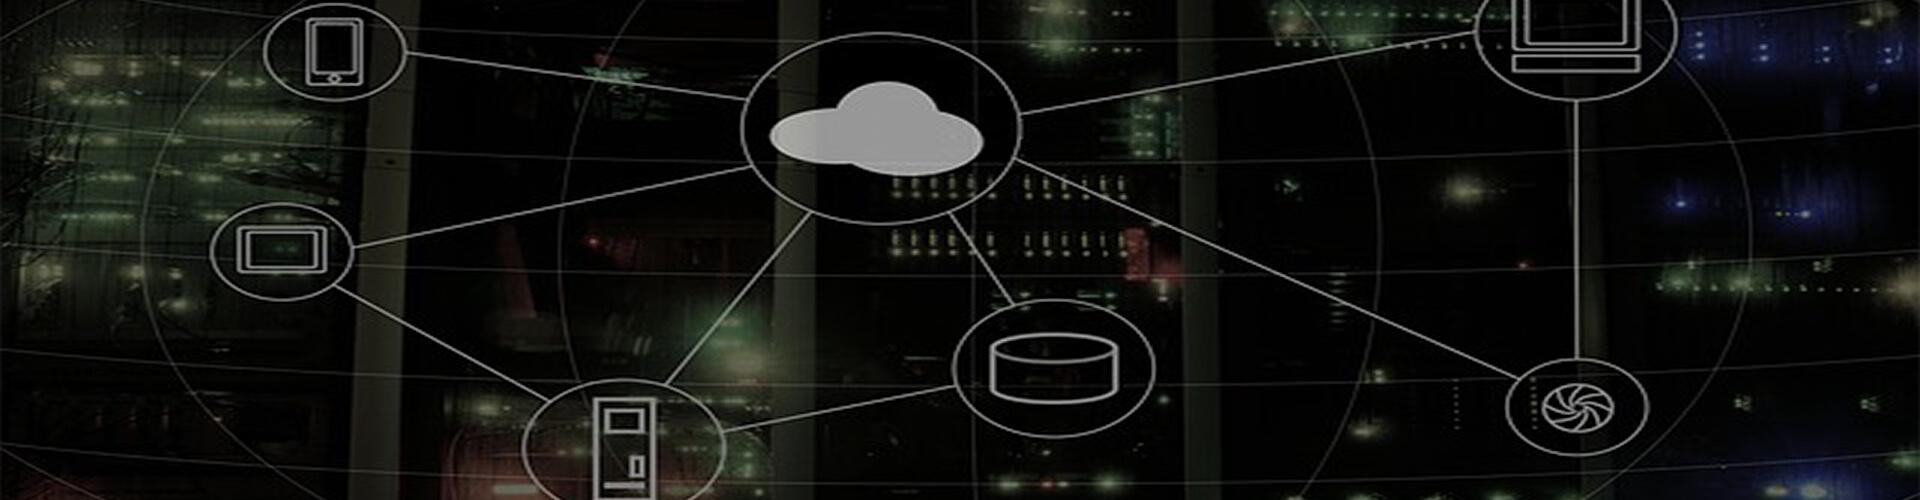 cloud migration solution